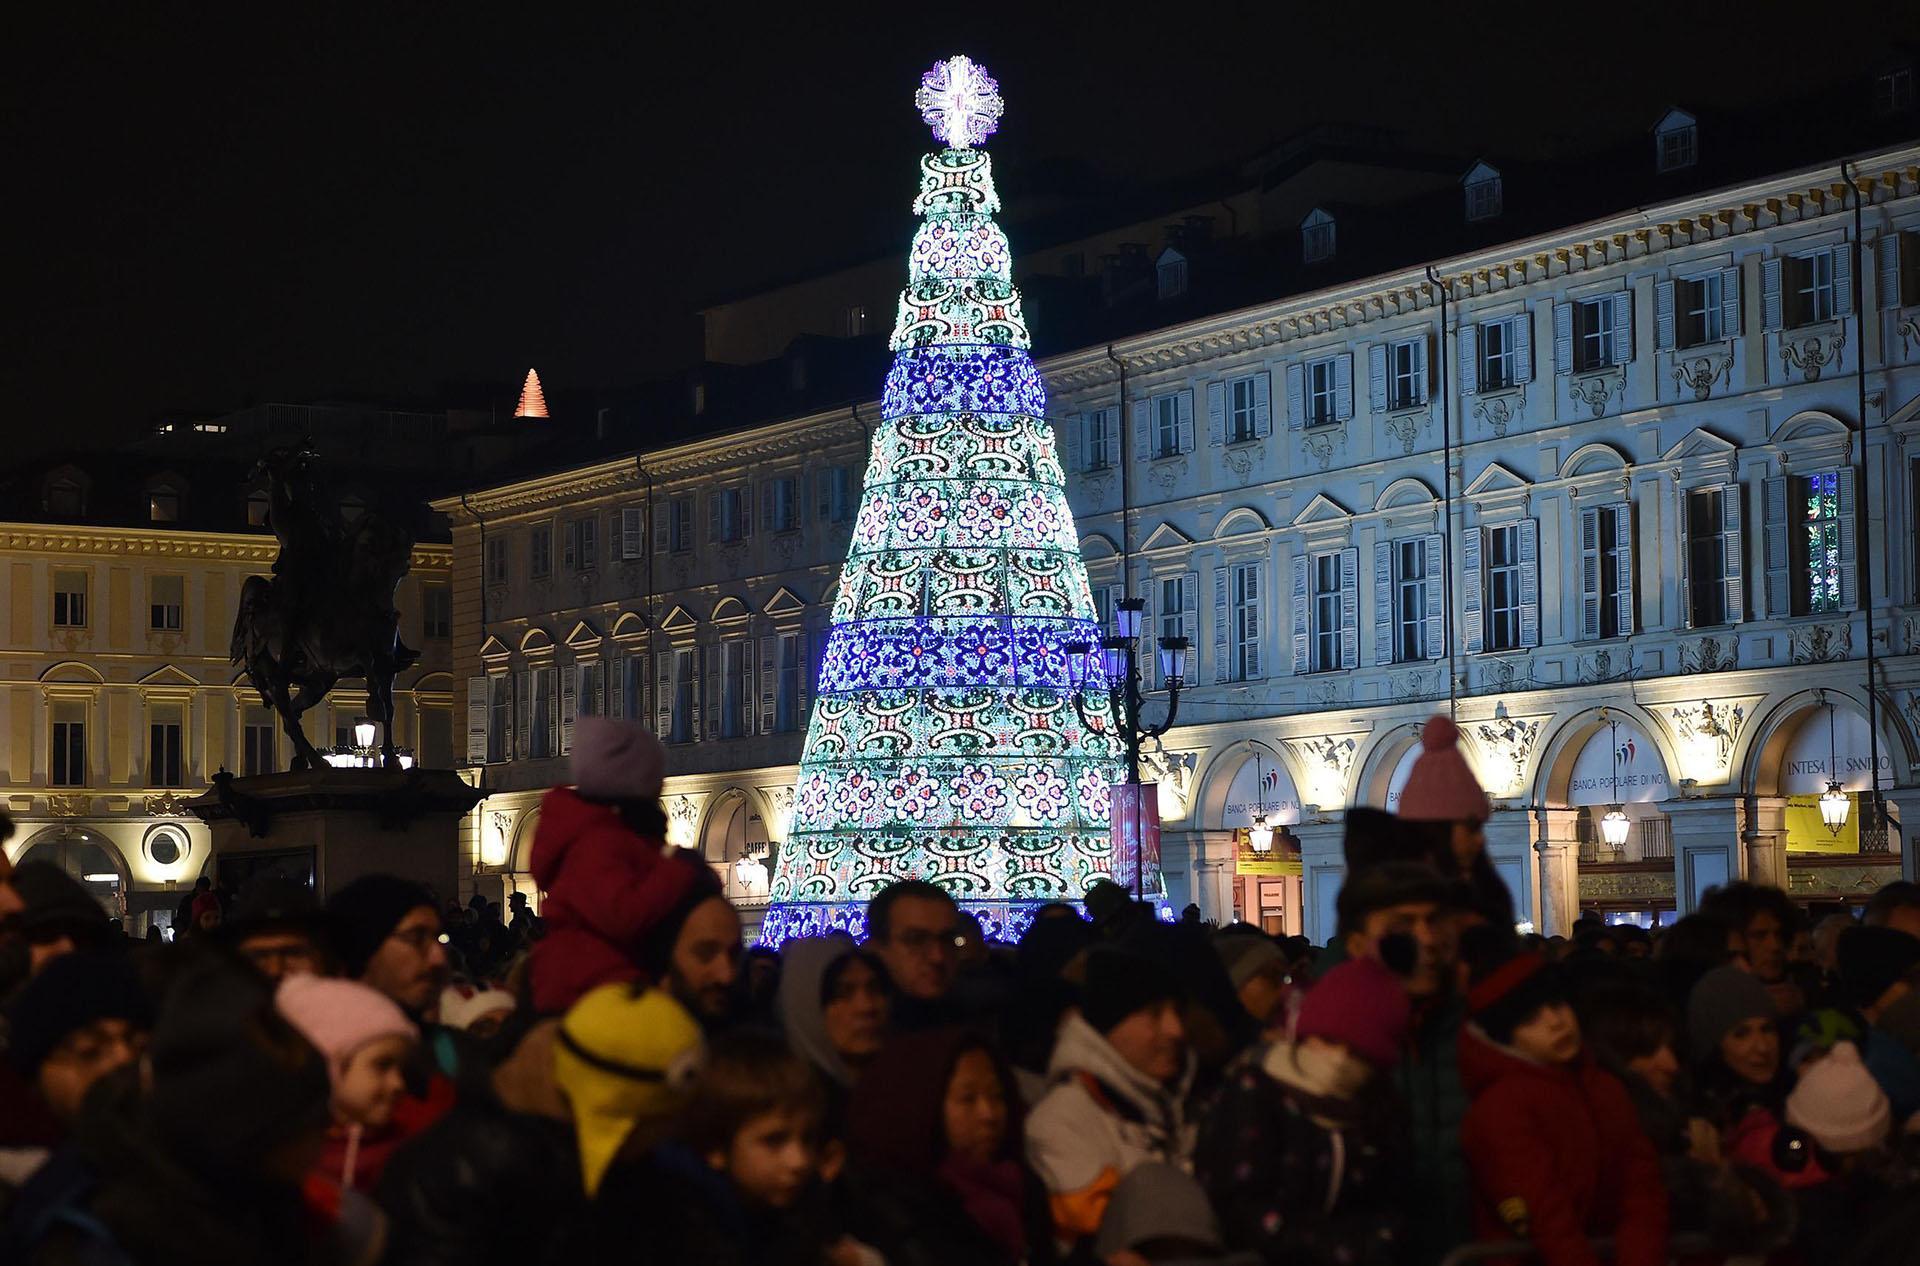 TURÍN, ITALIA. El árbol luminoso de la plazaSan Carlo's en Turín